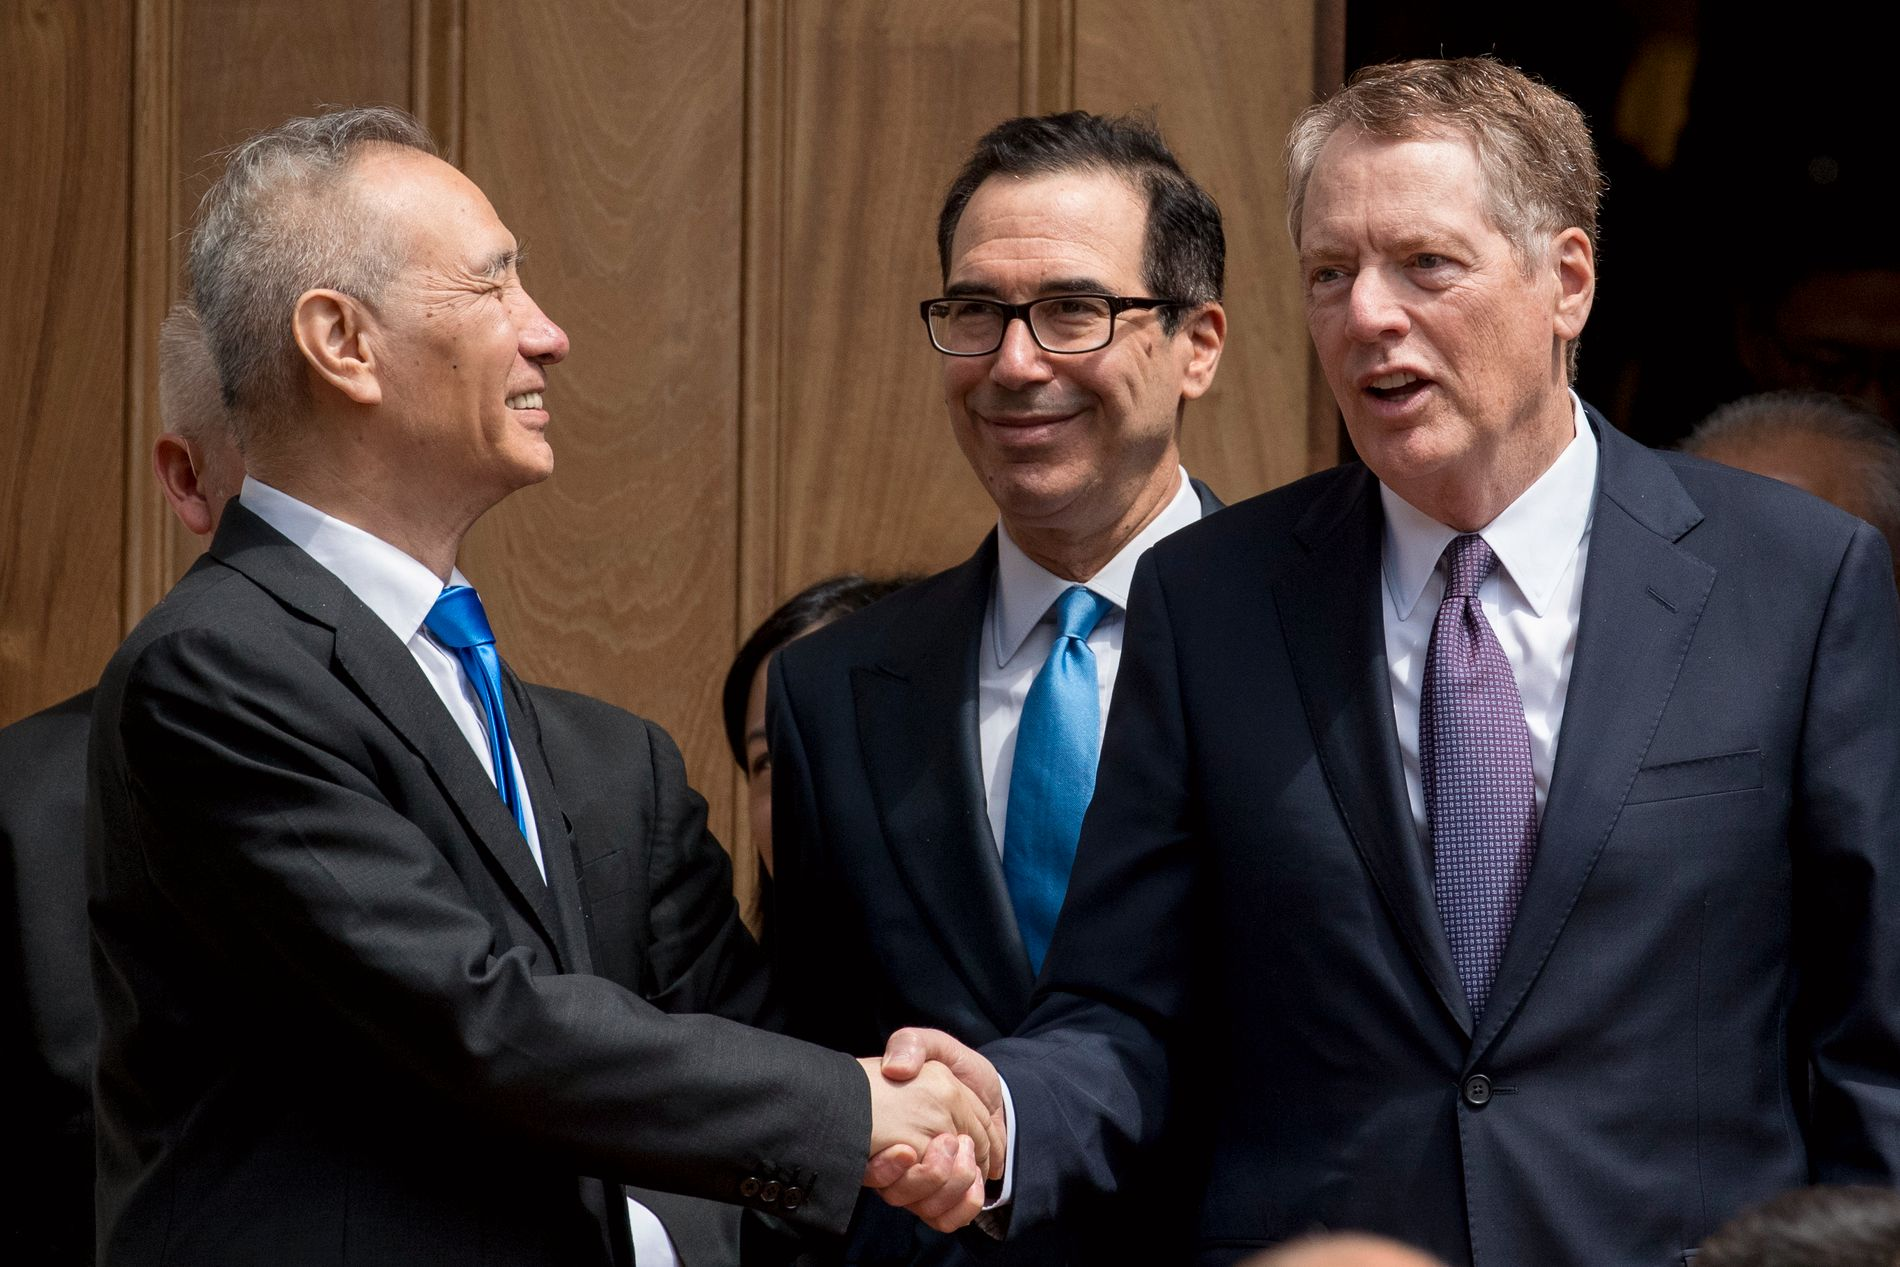 SKAL FORTSETTE SAMTALENE: Kinas visestatsminister Liu He sammen med USAs finansminister Steven Mnuchin og handelsrepresentant Robert Lighthizer.